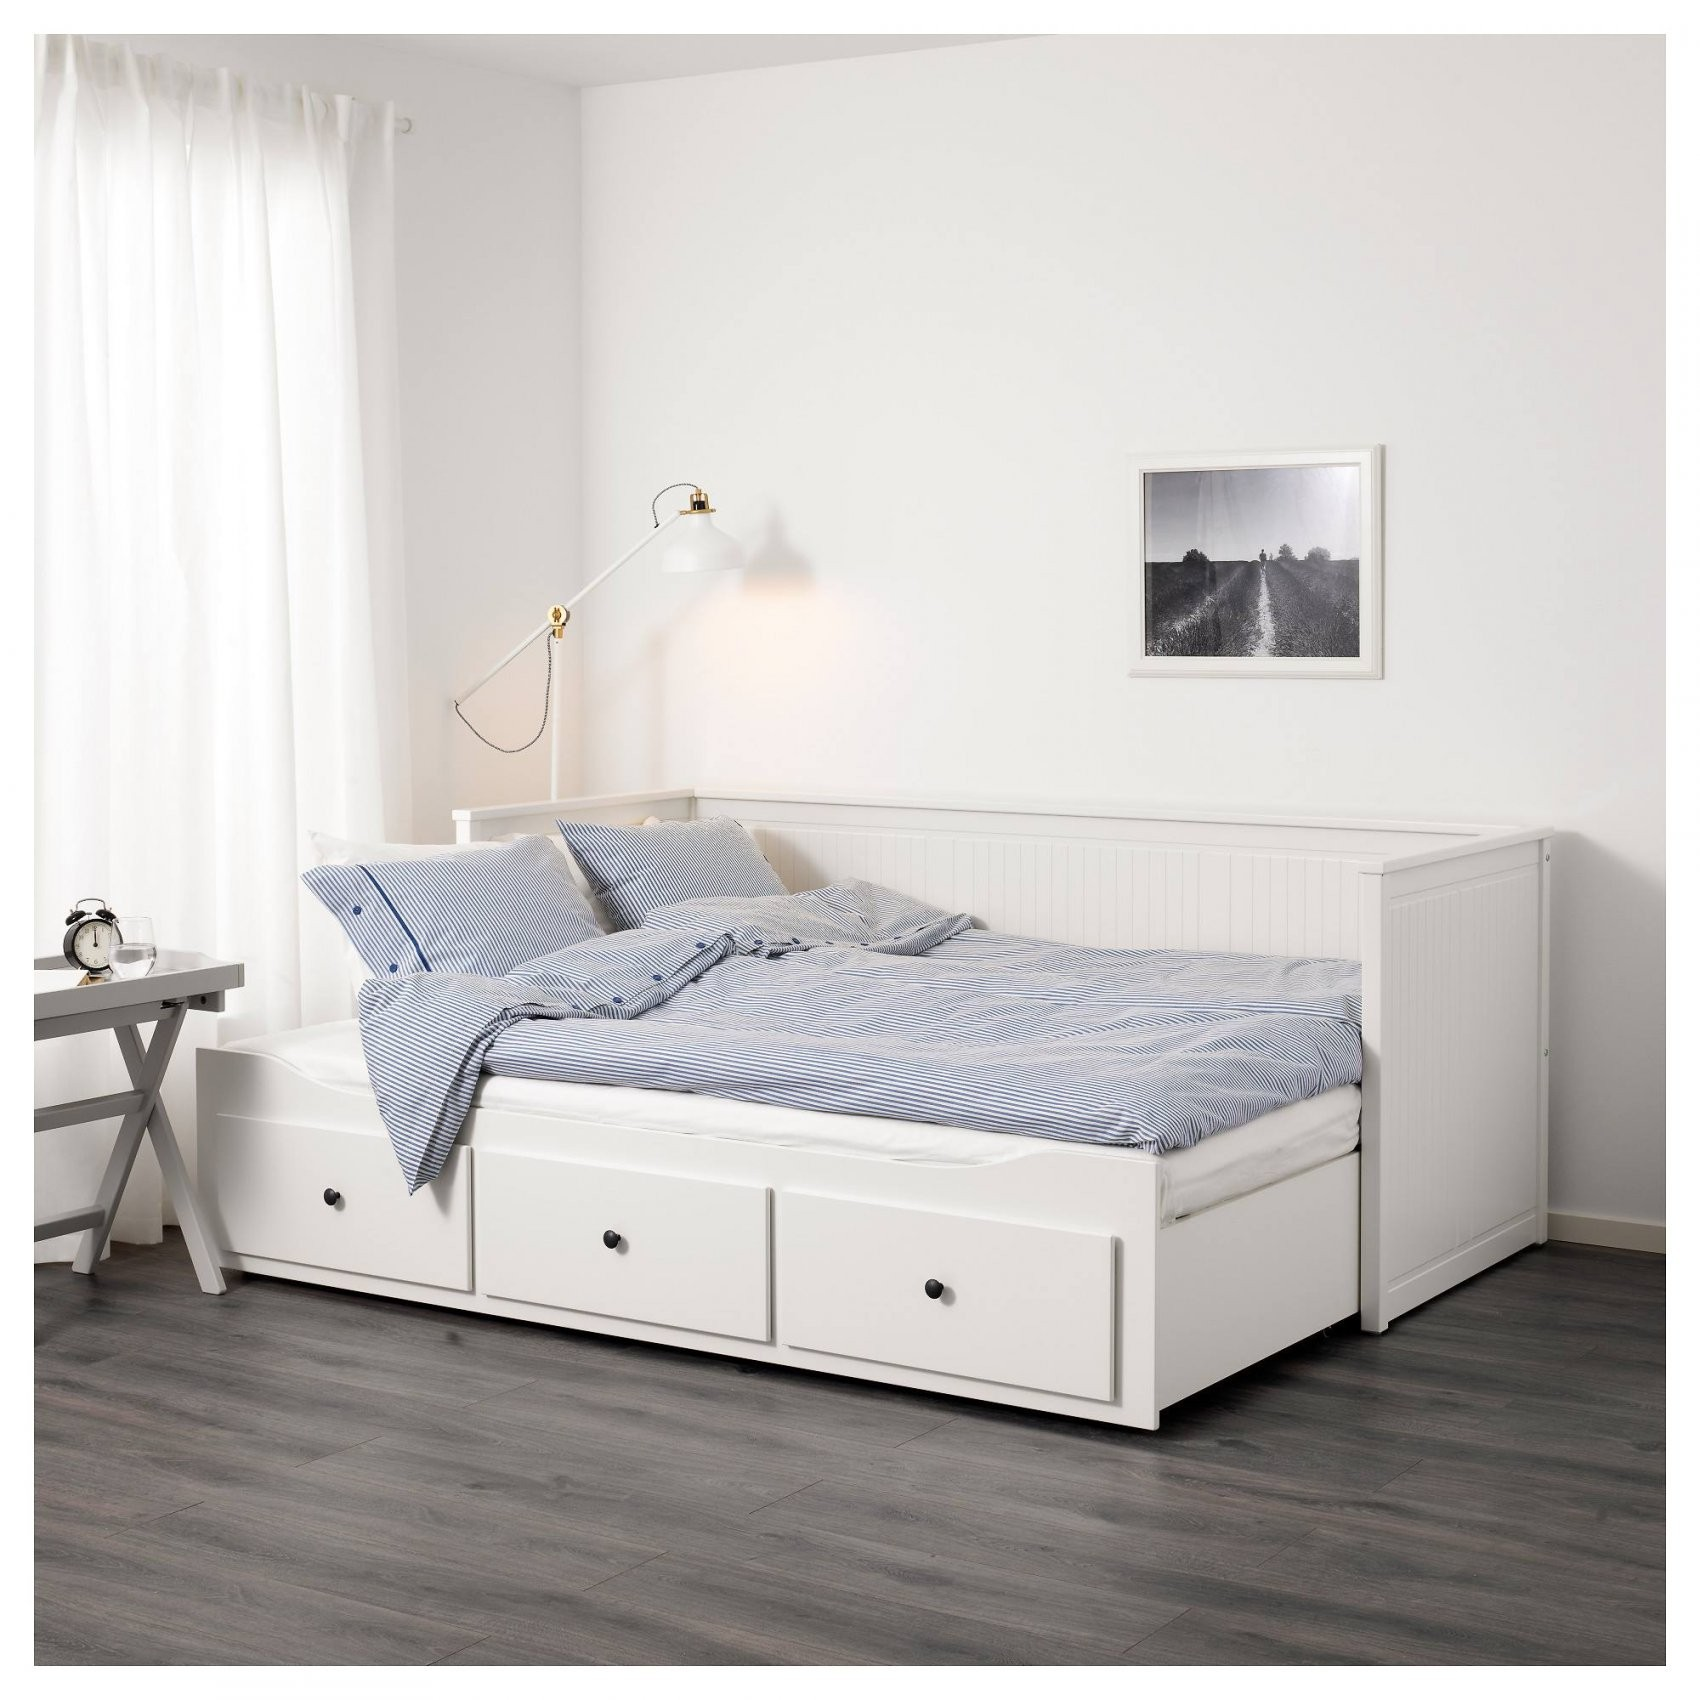 Hemnes Ikea Bett – Weiß – 140×200 Cm – Tagesbett  Webmarkt von Ikea Bett Weiß Mit Schubladen Bild